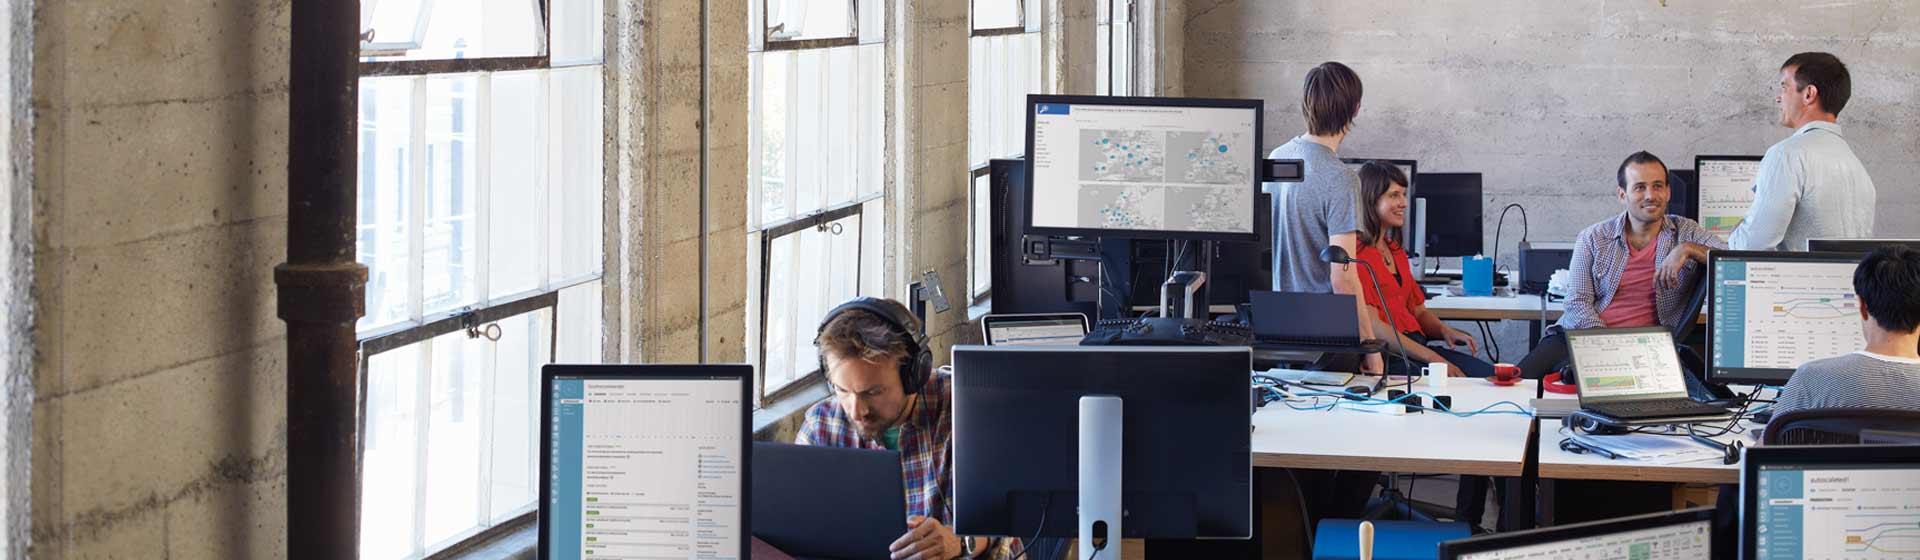 Grupa kolēģu sēž un stāv pie galdiem birojā, kur daudz datoru ar redzamu Office 365